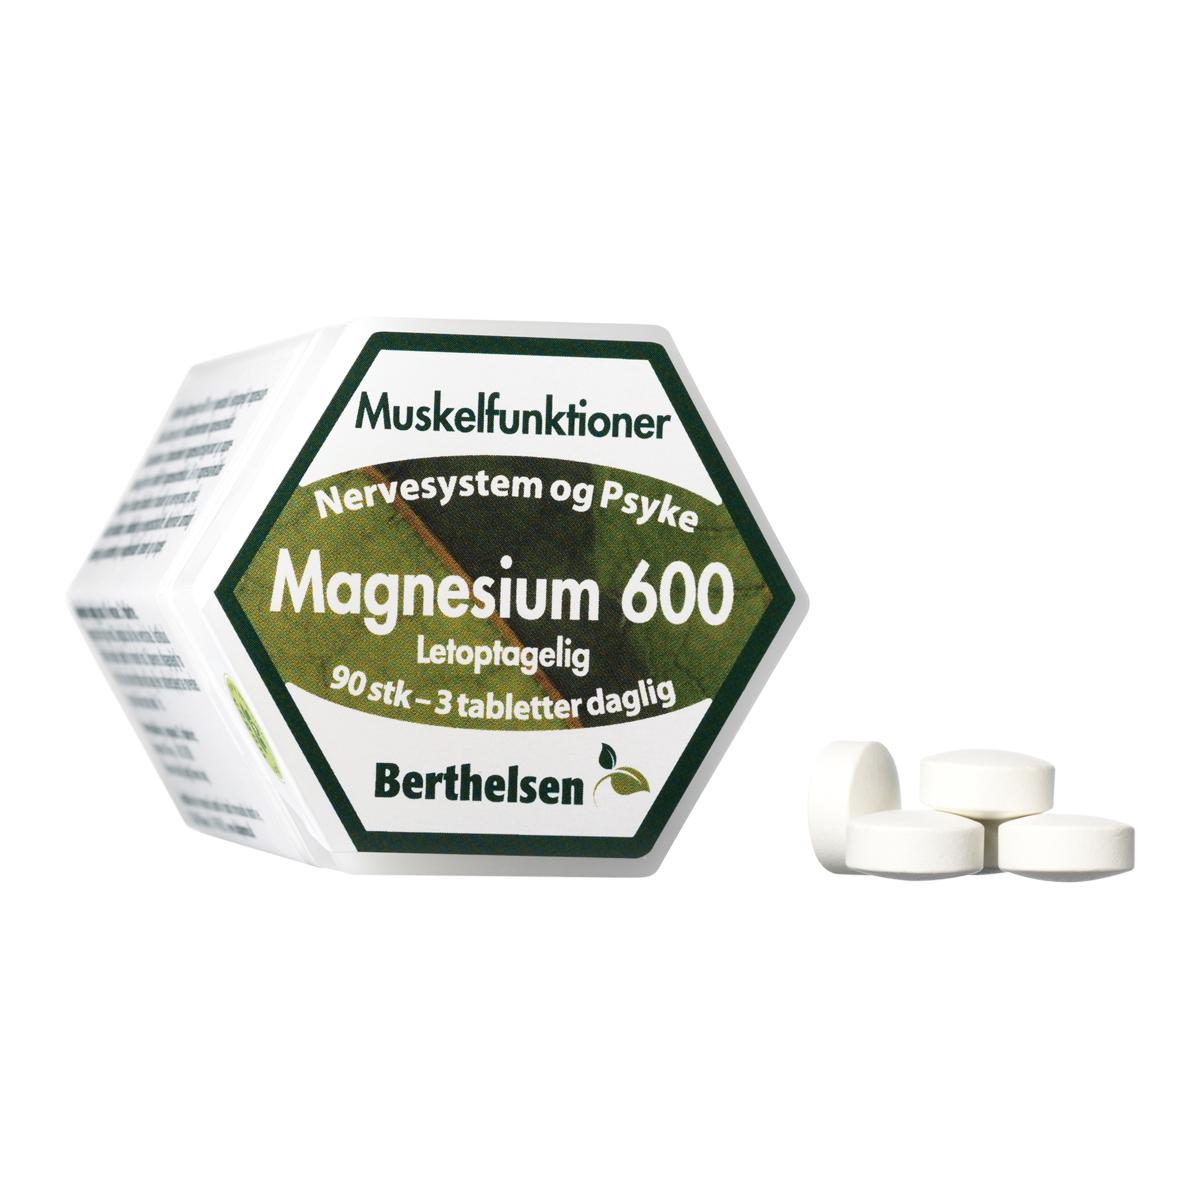 Billede af Berthelsen Magnesium 600 - 90 stk.